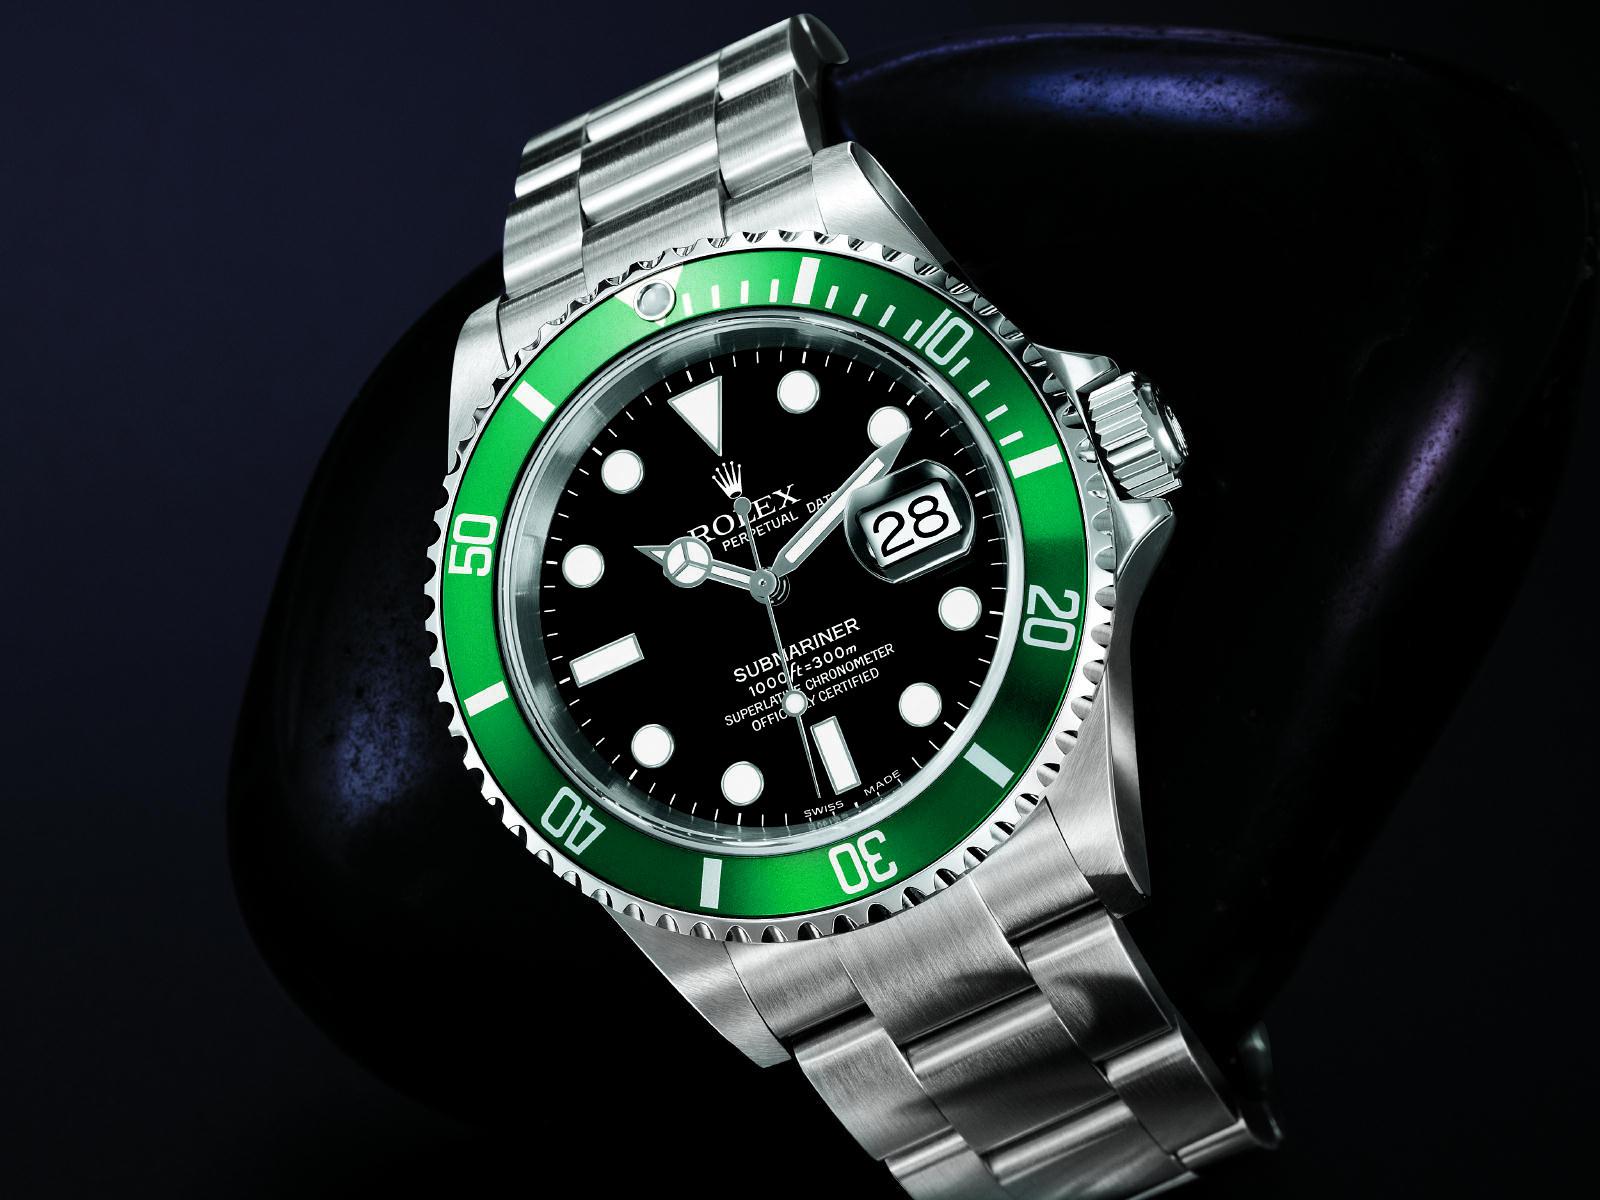 đồng hồ Rolex 50th Anniversary Submariner 16610LV